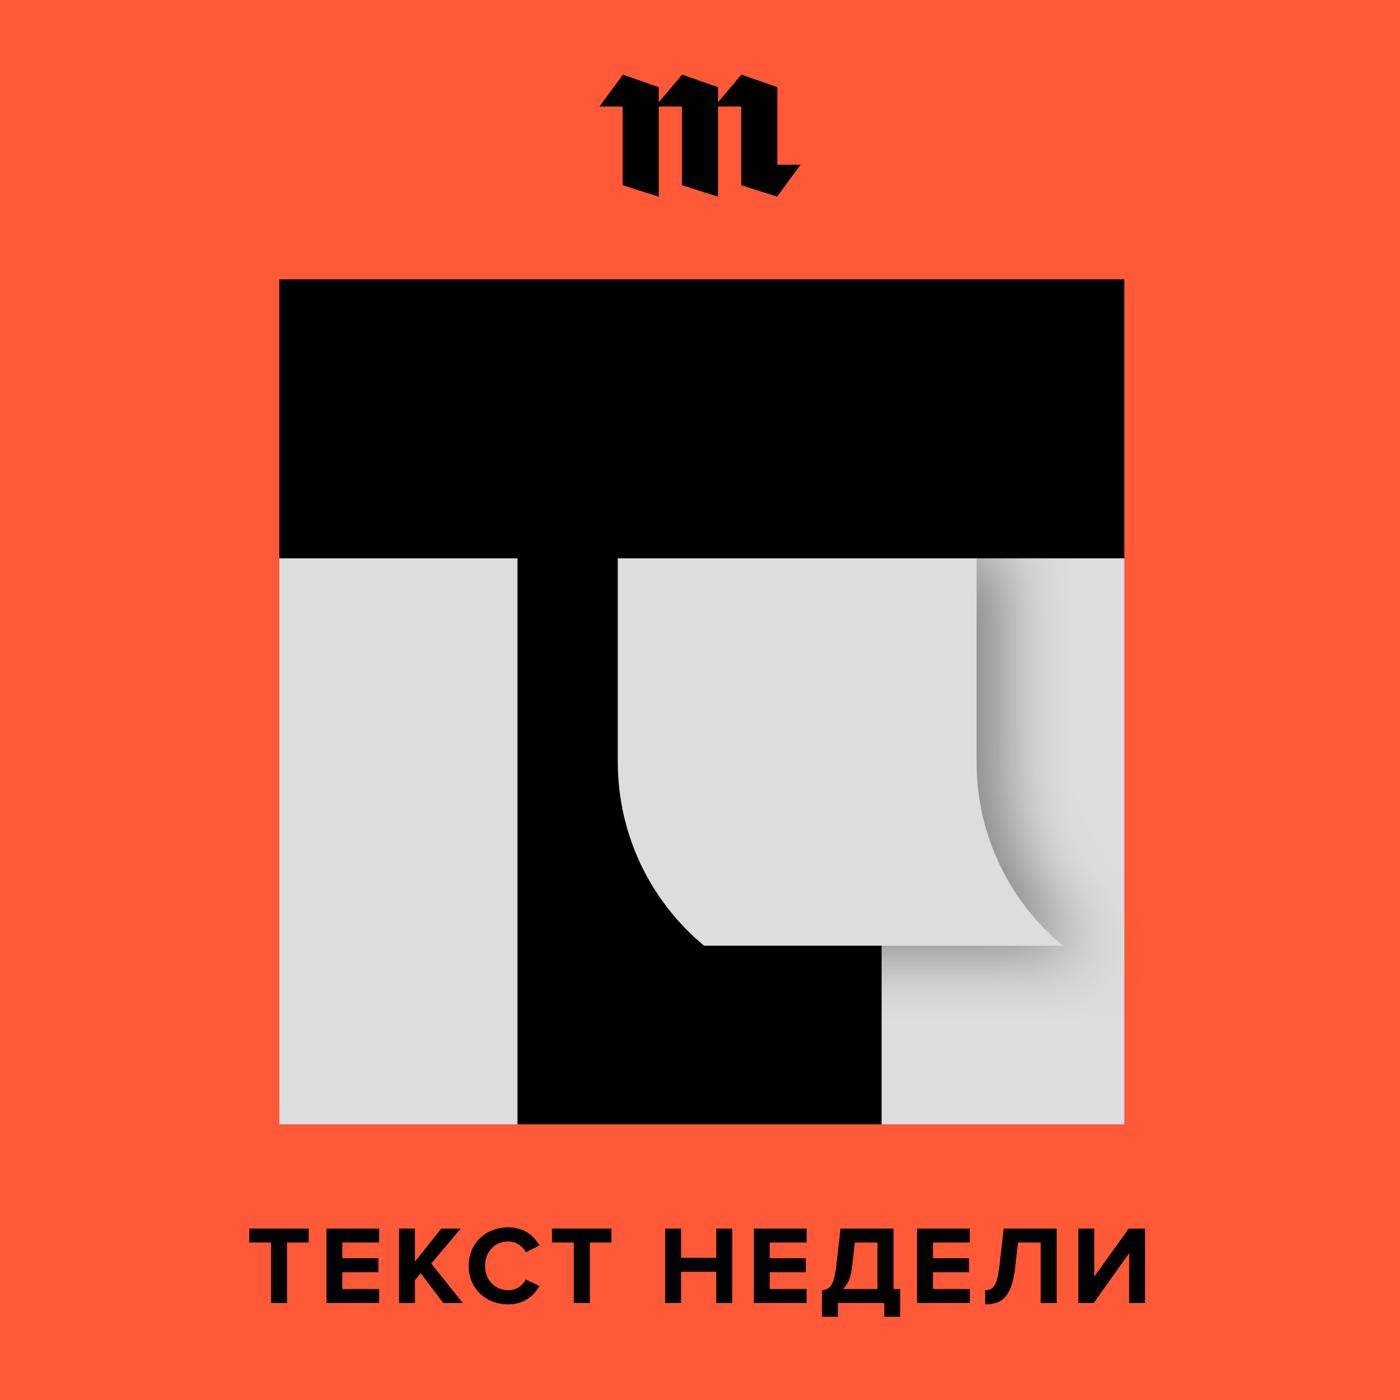 Айлика Кремер Как российские спецслужбы управляют хакерами-патриотами айлика кремер что такое ненастоящие изнасилования